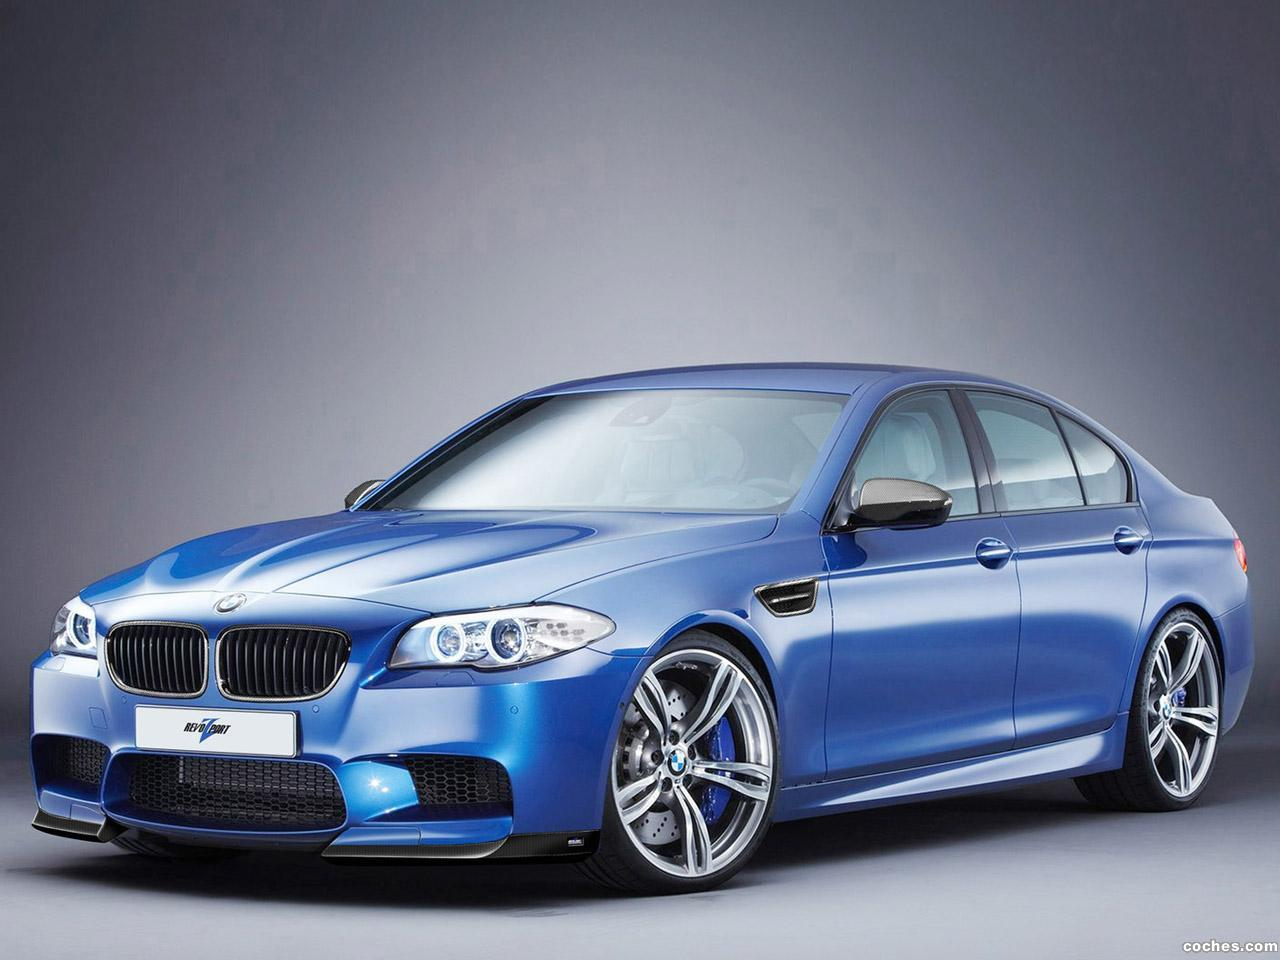 Foto 0 de BMW M5 Revozport RZ F10 2013